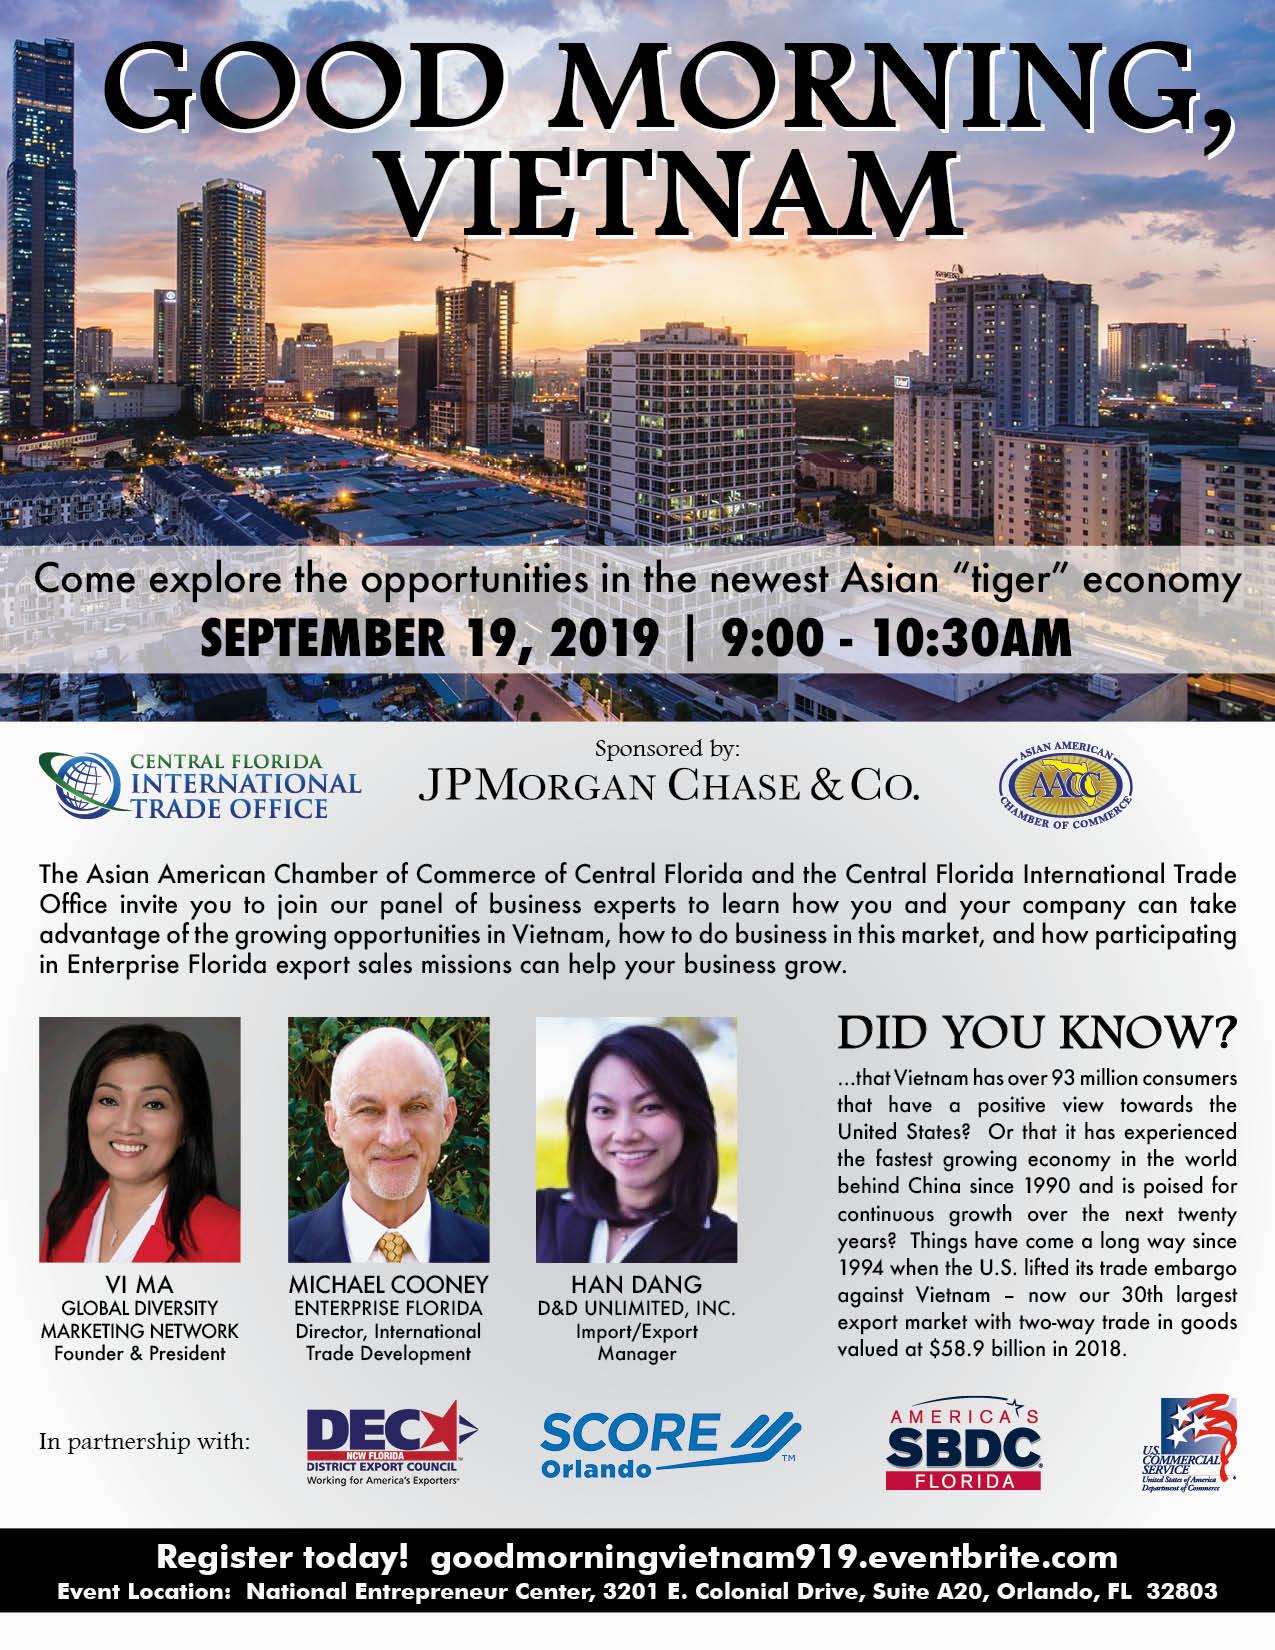 Good Morning Vietnam Flyer